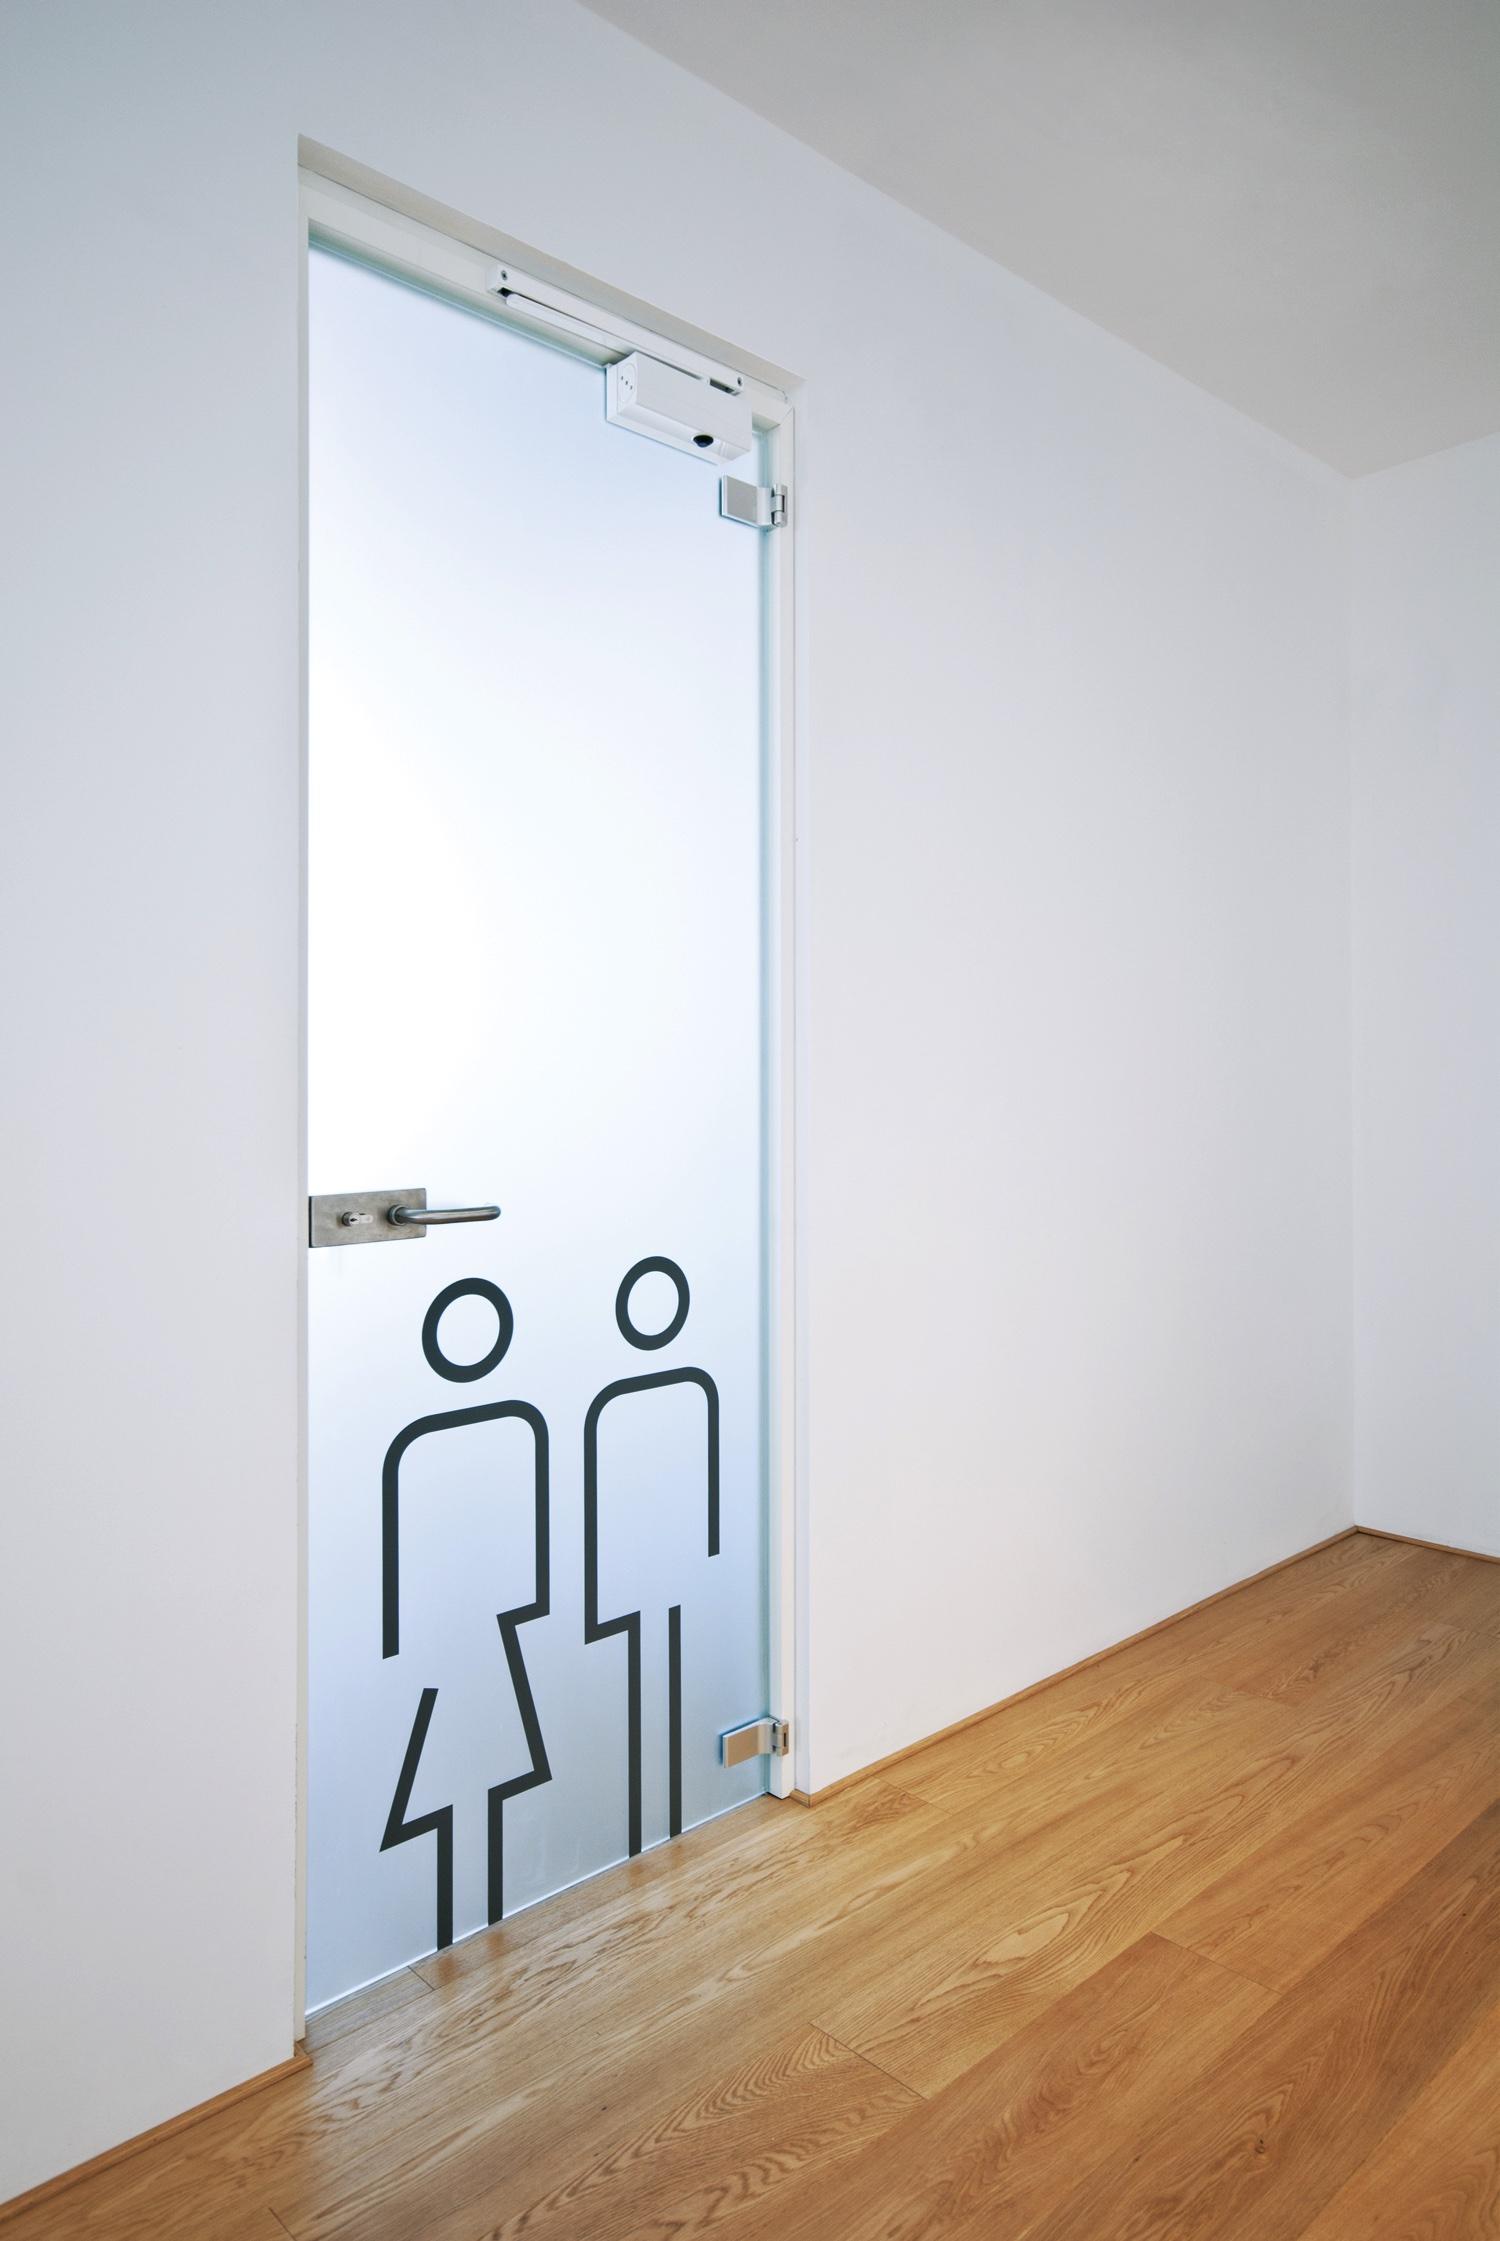 mobili-divisorie-in-vetro-mobili-ufficio-design-in-legno-vetrate ... - Pareti Mobili Prezzi